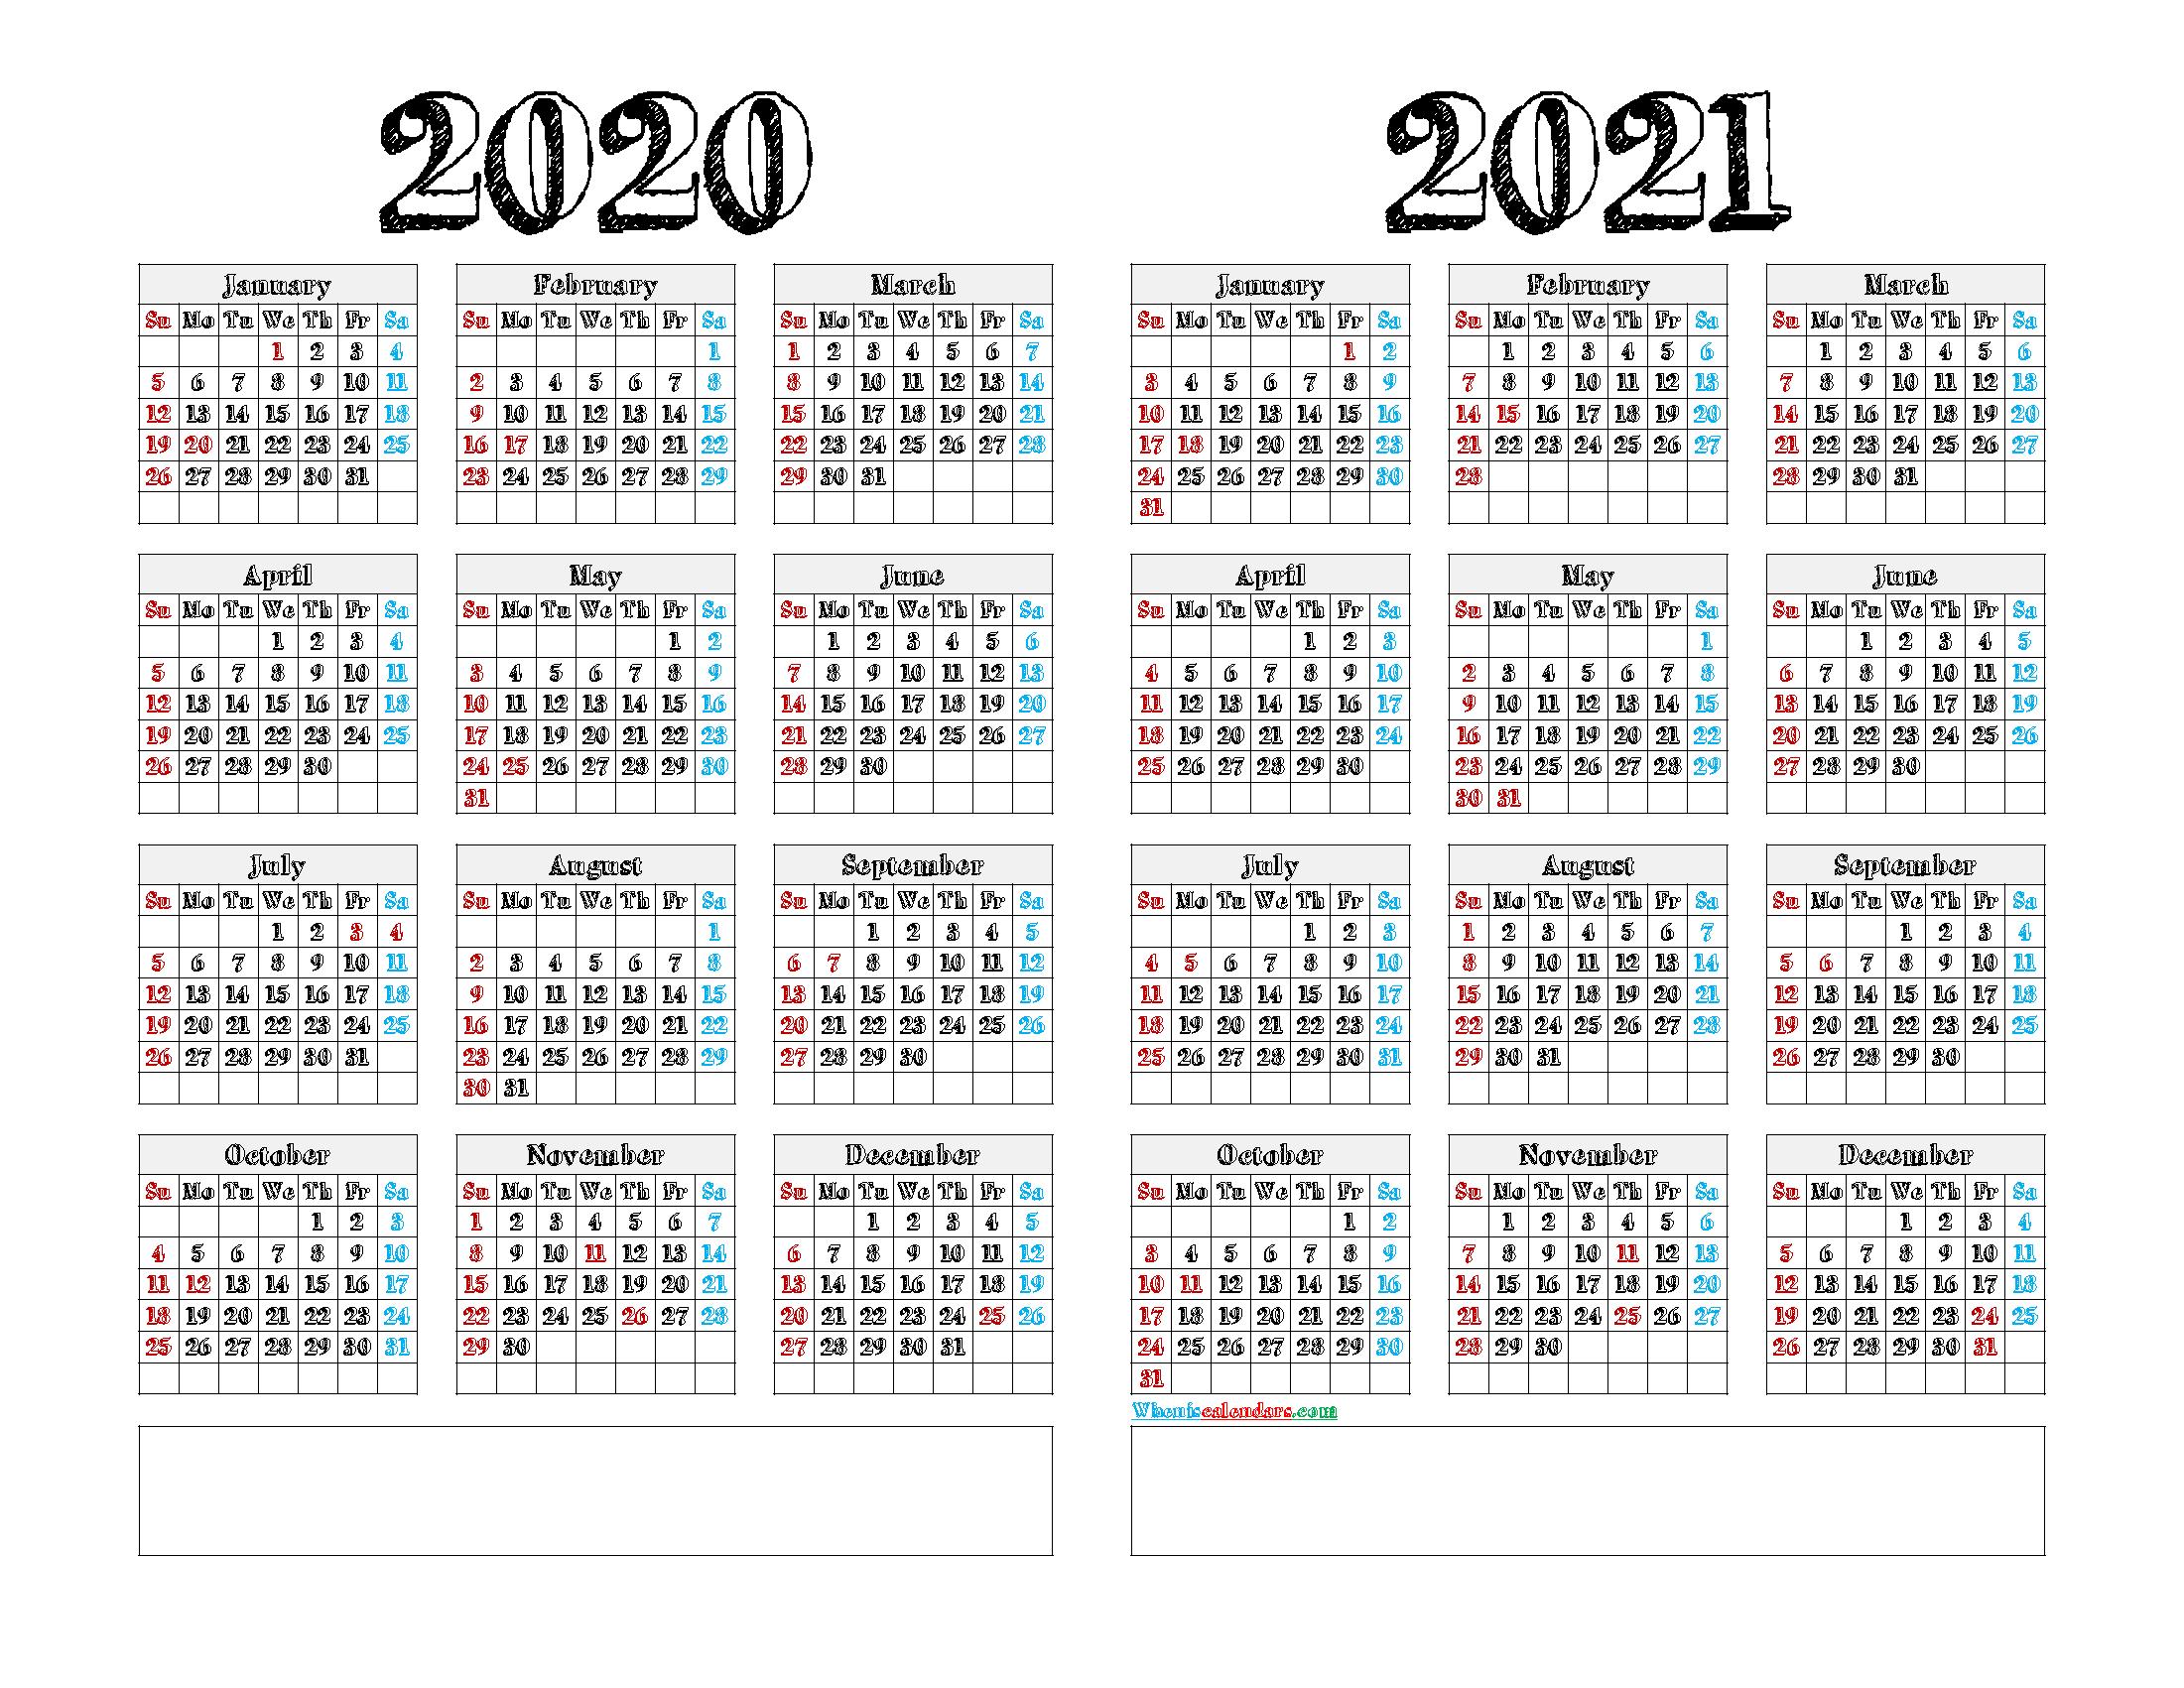 Free Printable 2020 and 2021 Calendar